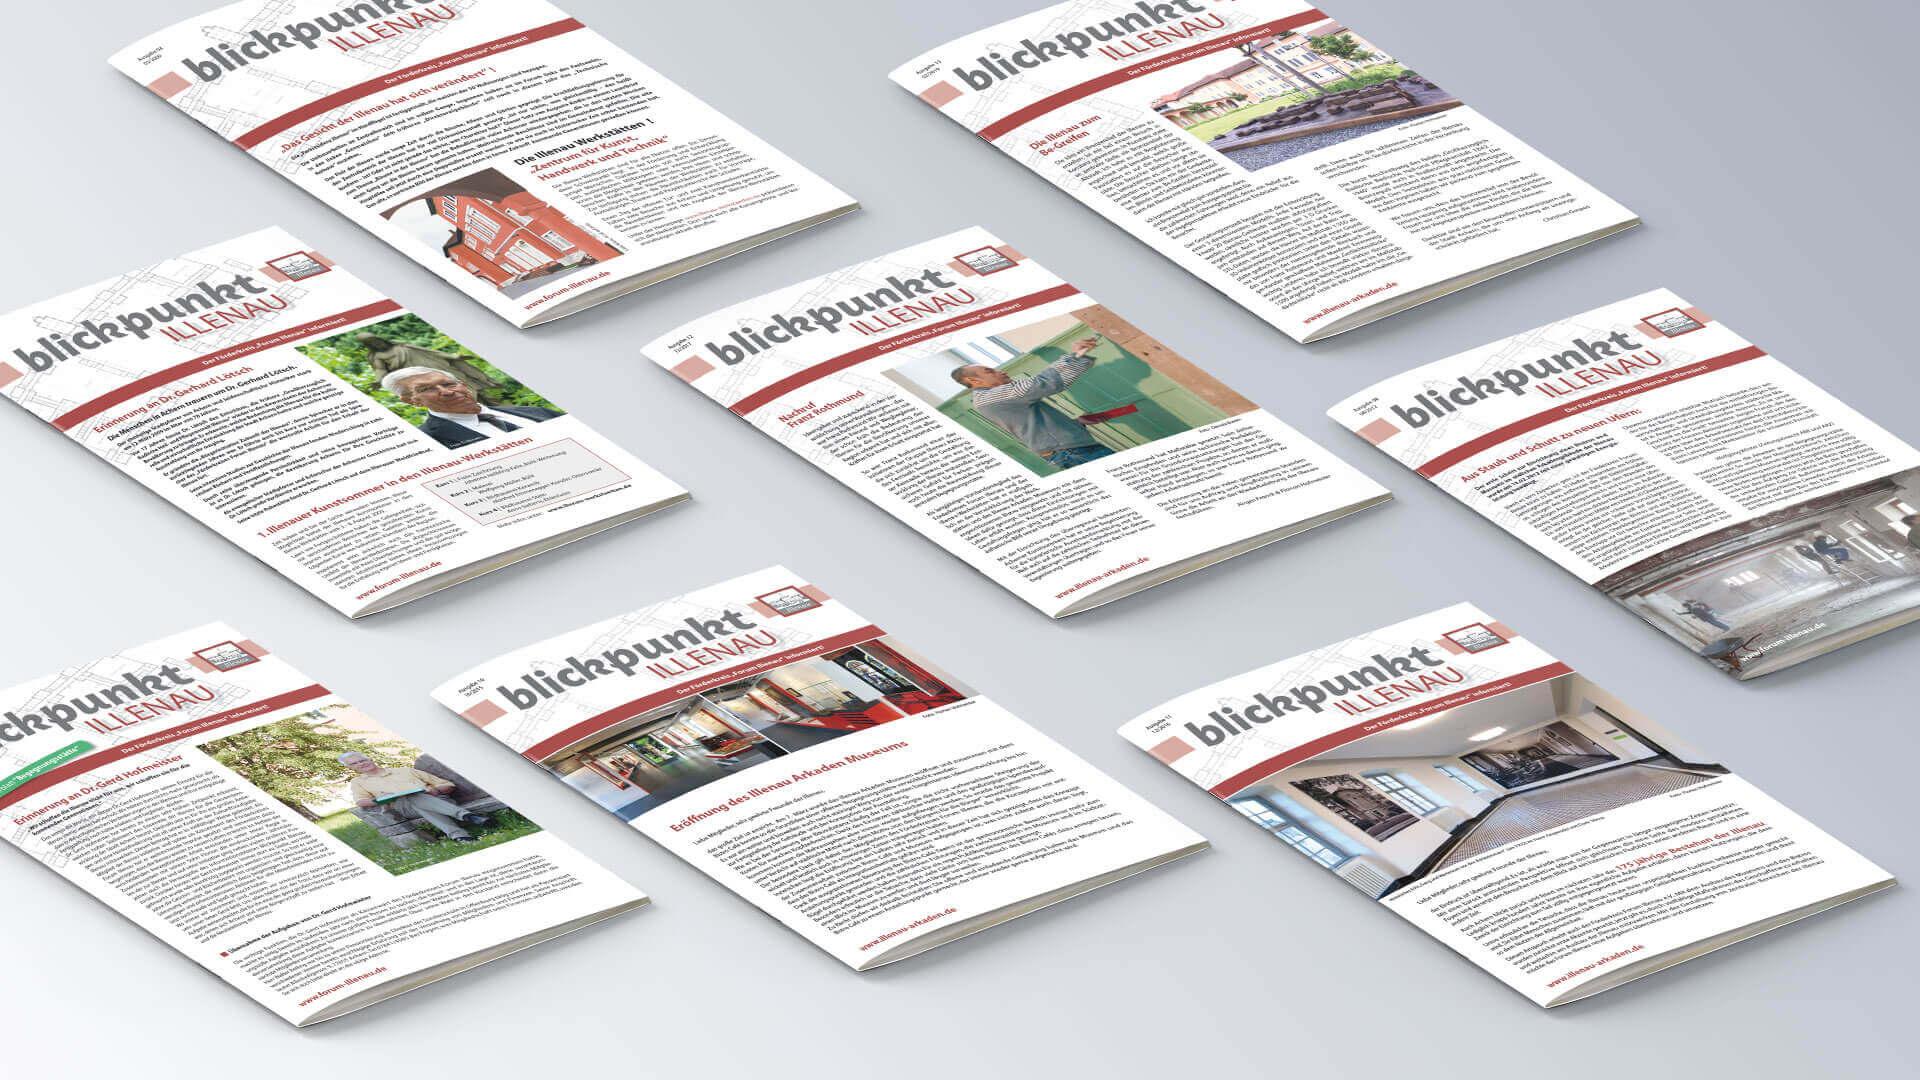 Illenau Arkaden Museum Achern Magazin Newsletter Blickpunkt